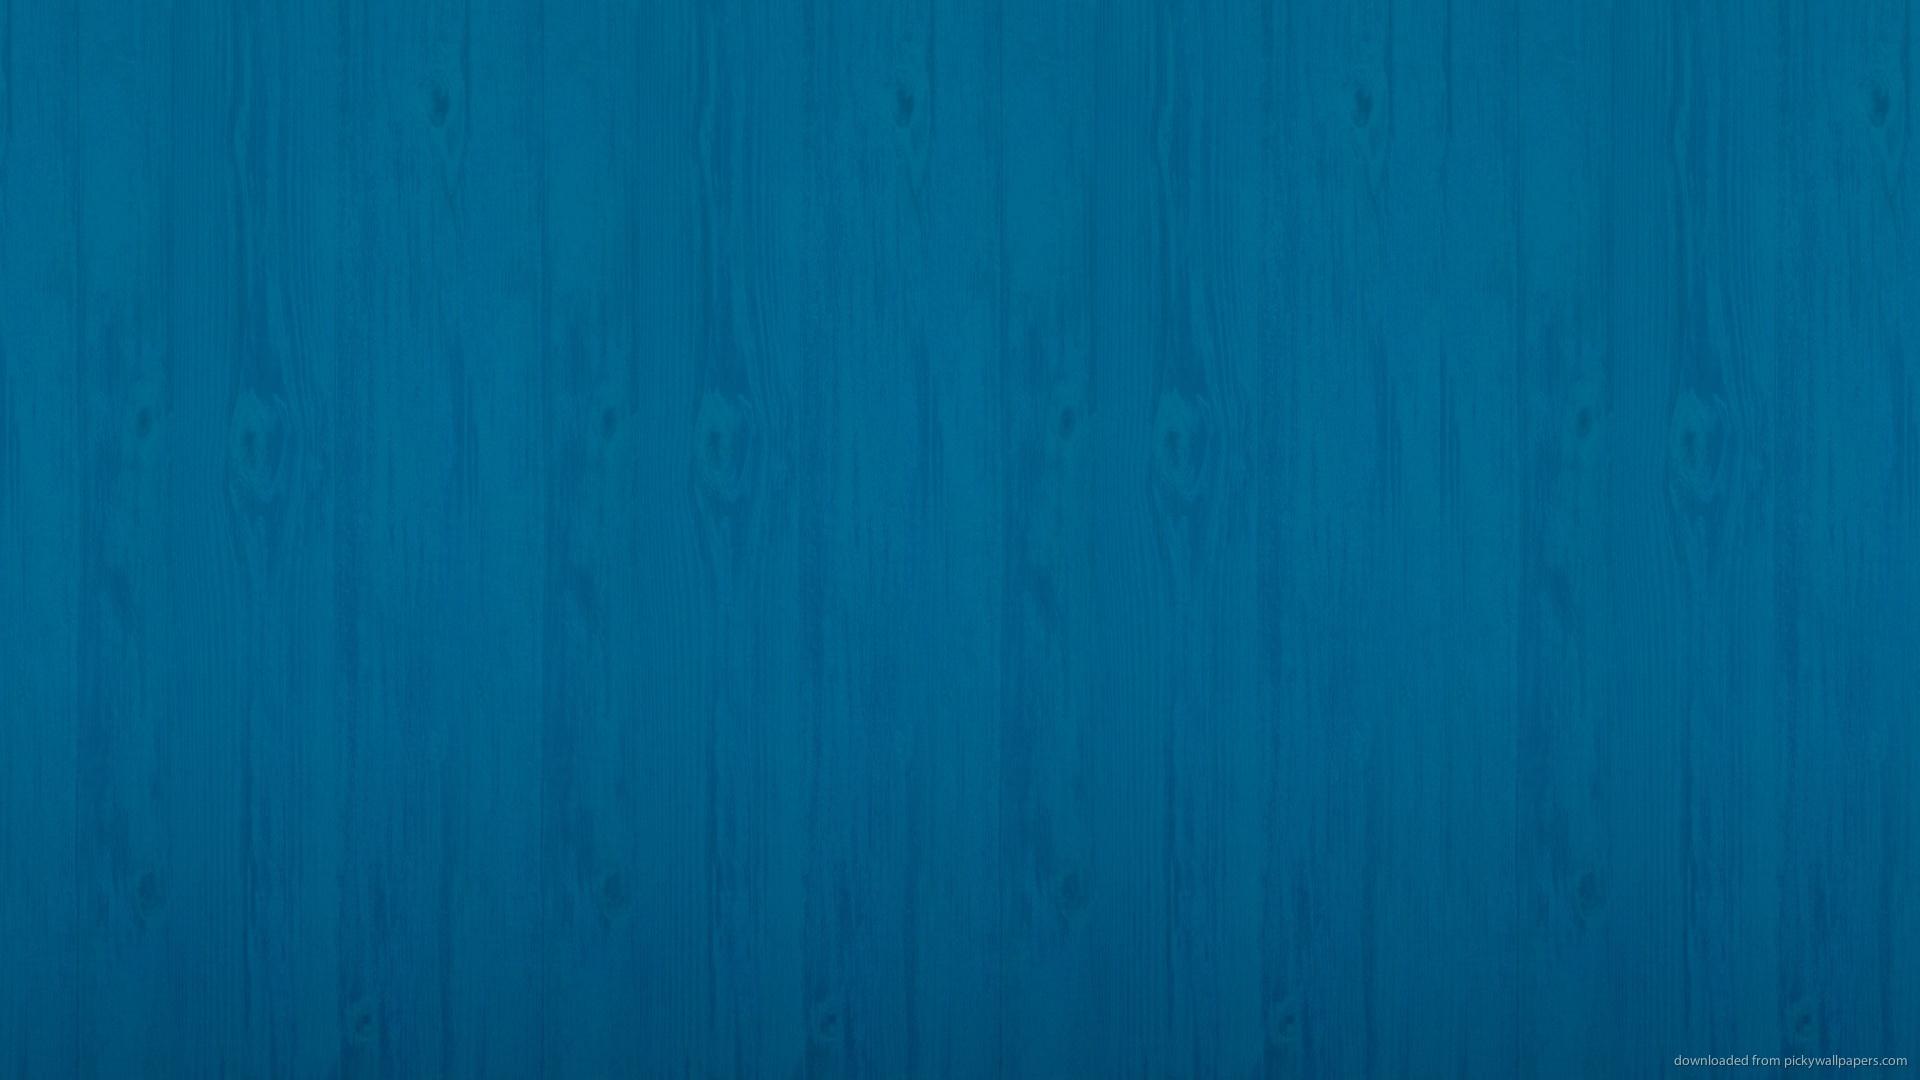 1920x1080 Blue Wood wallpaper 1920x1080